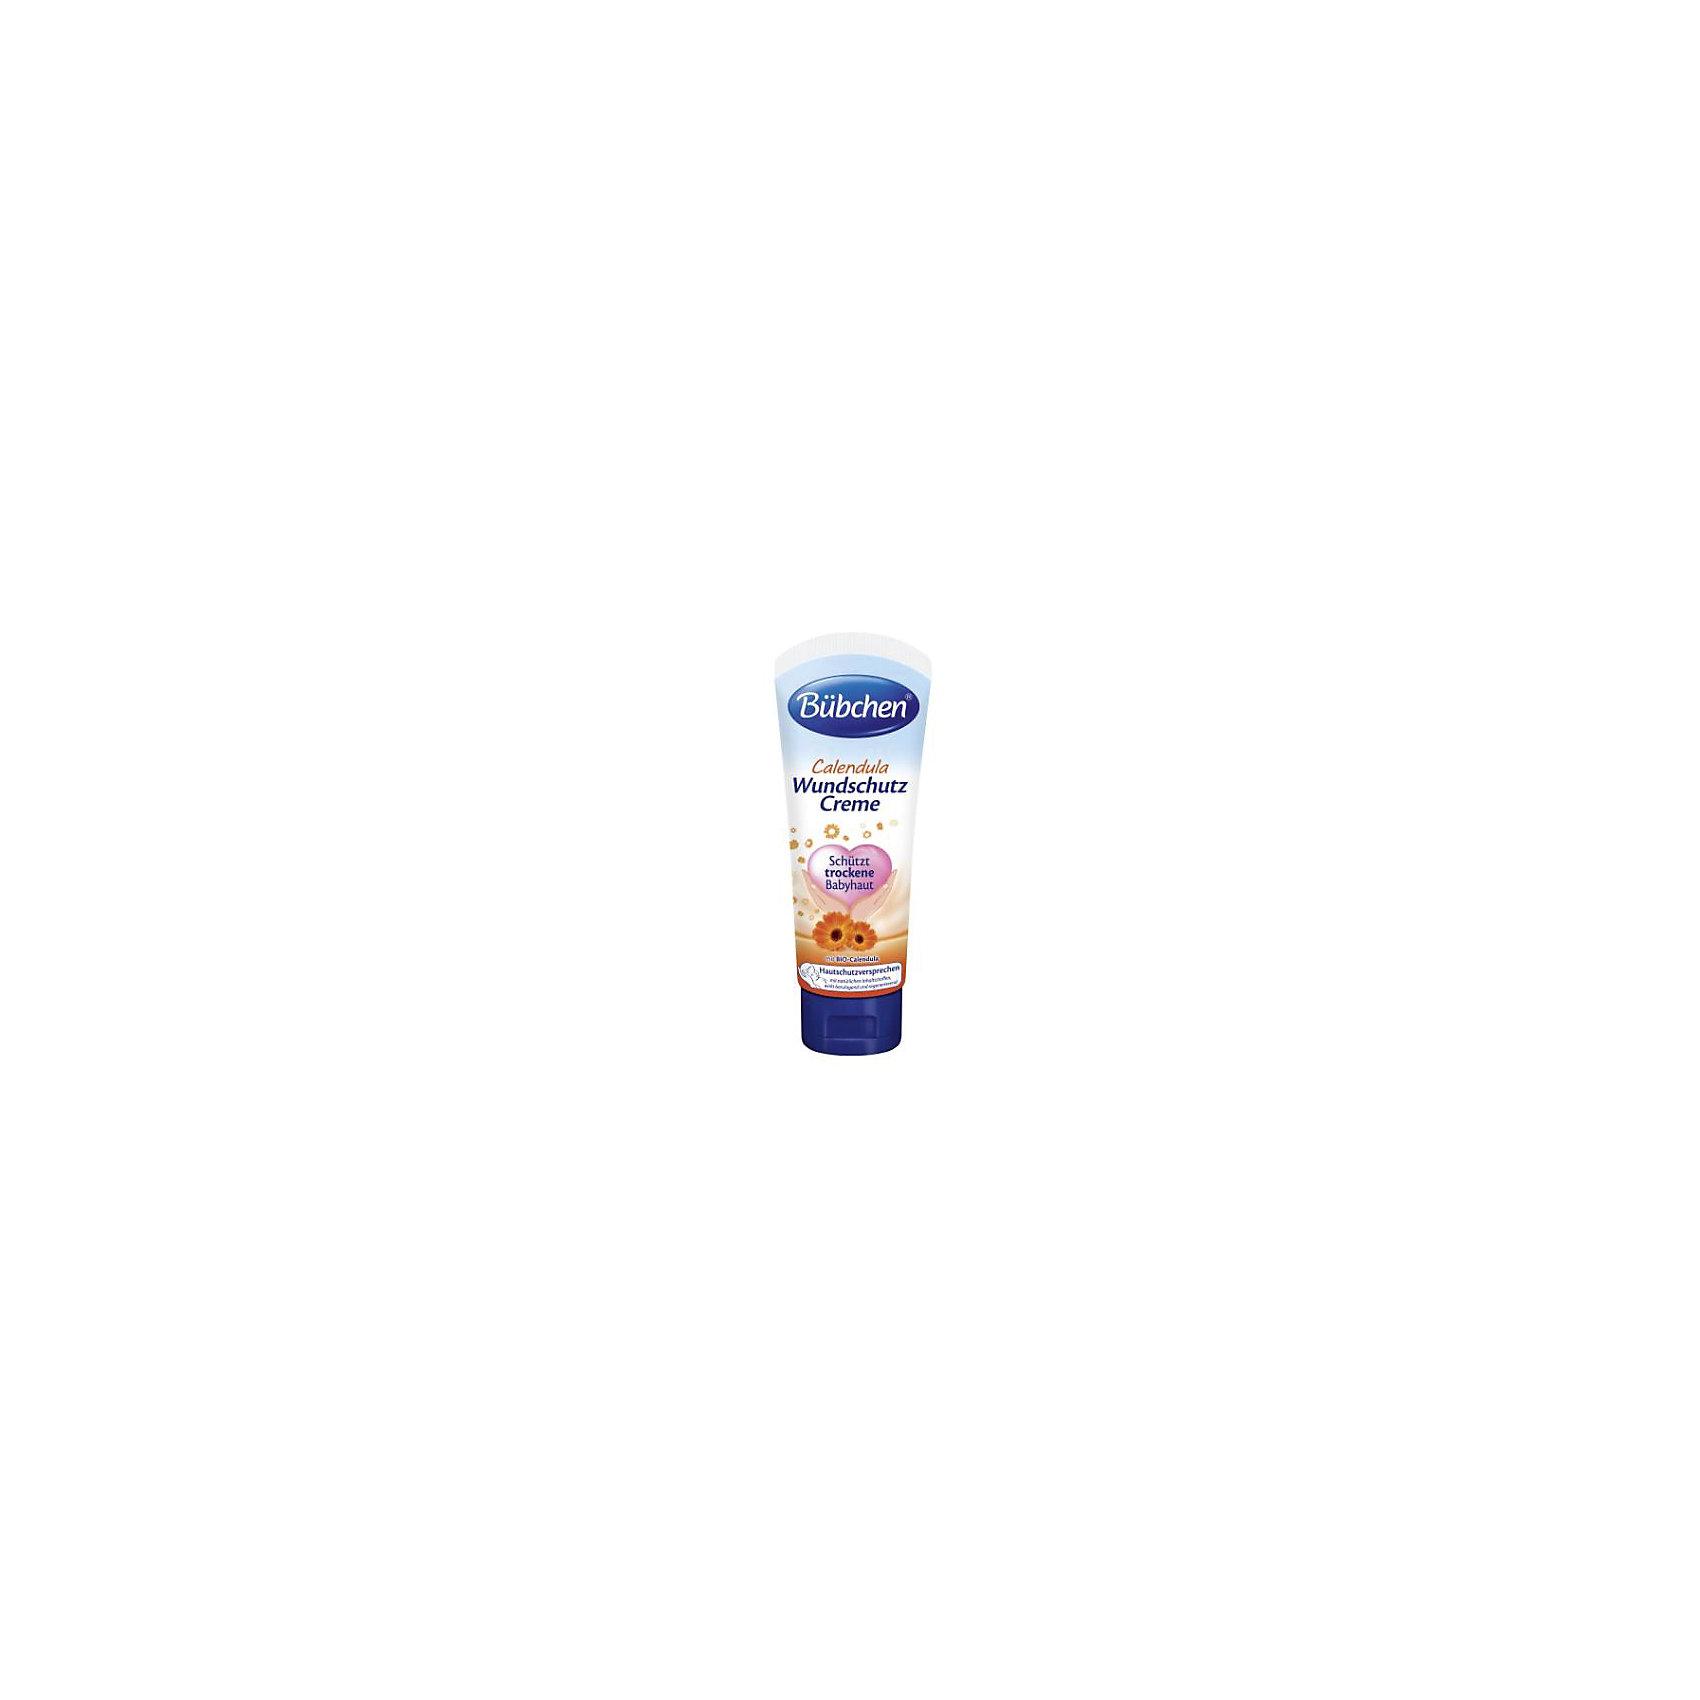 Специальный защитный крем Календула, BUBCHEN, 75 мл.Косметика для младнецев<br>Специальный защитный крем Календула, BUBCHEN, 75 мл.– это то, что вы искали для своего малыша. Этот крем в классической укаповке-тюбике подходит для усранения покраснений в области подгузника. Благодаря экстракту календулы крем оказывает противовоспалительное и антибактериальное воздействие, а натуральные природные масла и пантенол увлажняют, восстанавливают и успокаивают кожу. Способ применения: нанесите небольшое количество на чистую сухую кожу малыша легкими массирующими движениями. <br>Дополнительная информация:<br>- Без красителей<br>- Без консервантов<br>- Подходит для ежедневного ухода<br>- Размер: 50 * 100 * 50 мм<br><br>Специальный защитный крем Календула, BUBCHEN, 75 мл. можно купить в нашем интернет-магазине.<br><br>Подробнее:<br>• Для детей в возрасте: от 0 лет<br>• Номер товара: 4940220<br>Страна производитель: Германия<br><br>Ширина мм: 50<br>Глубина мм: 100<br>Высота мм: 50<br>Вес г: 80<br>Возраст от месяцев: -2147483648<br>Возраст до месяцев: 2147483647<br>Пол: Унисекс<br>Возраст: Детский<br>SKU: 4940220